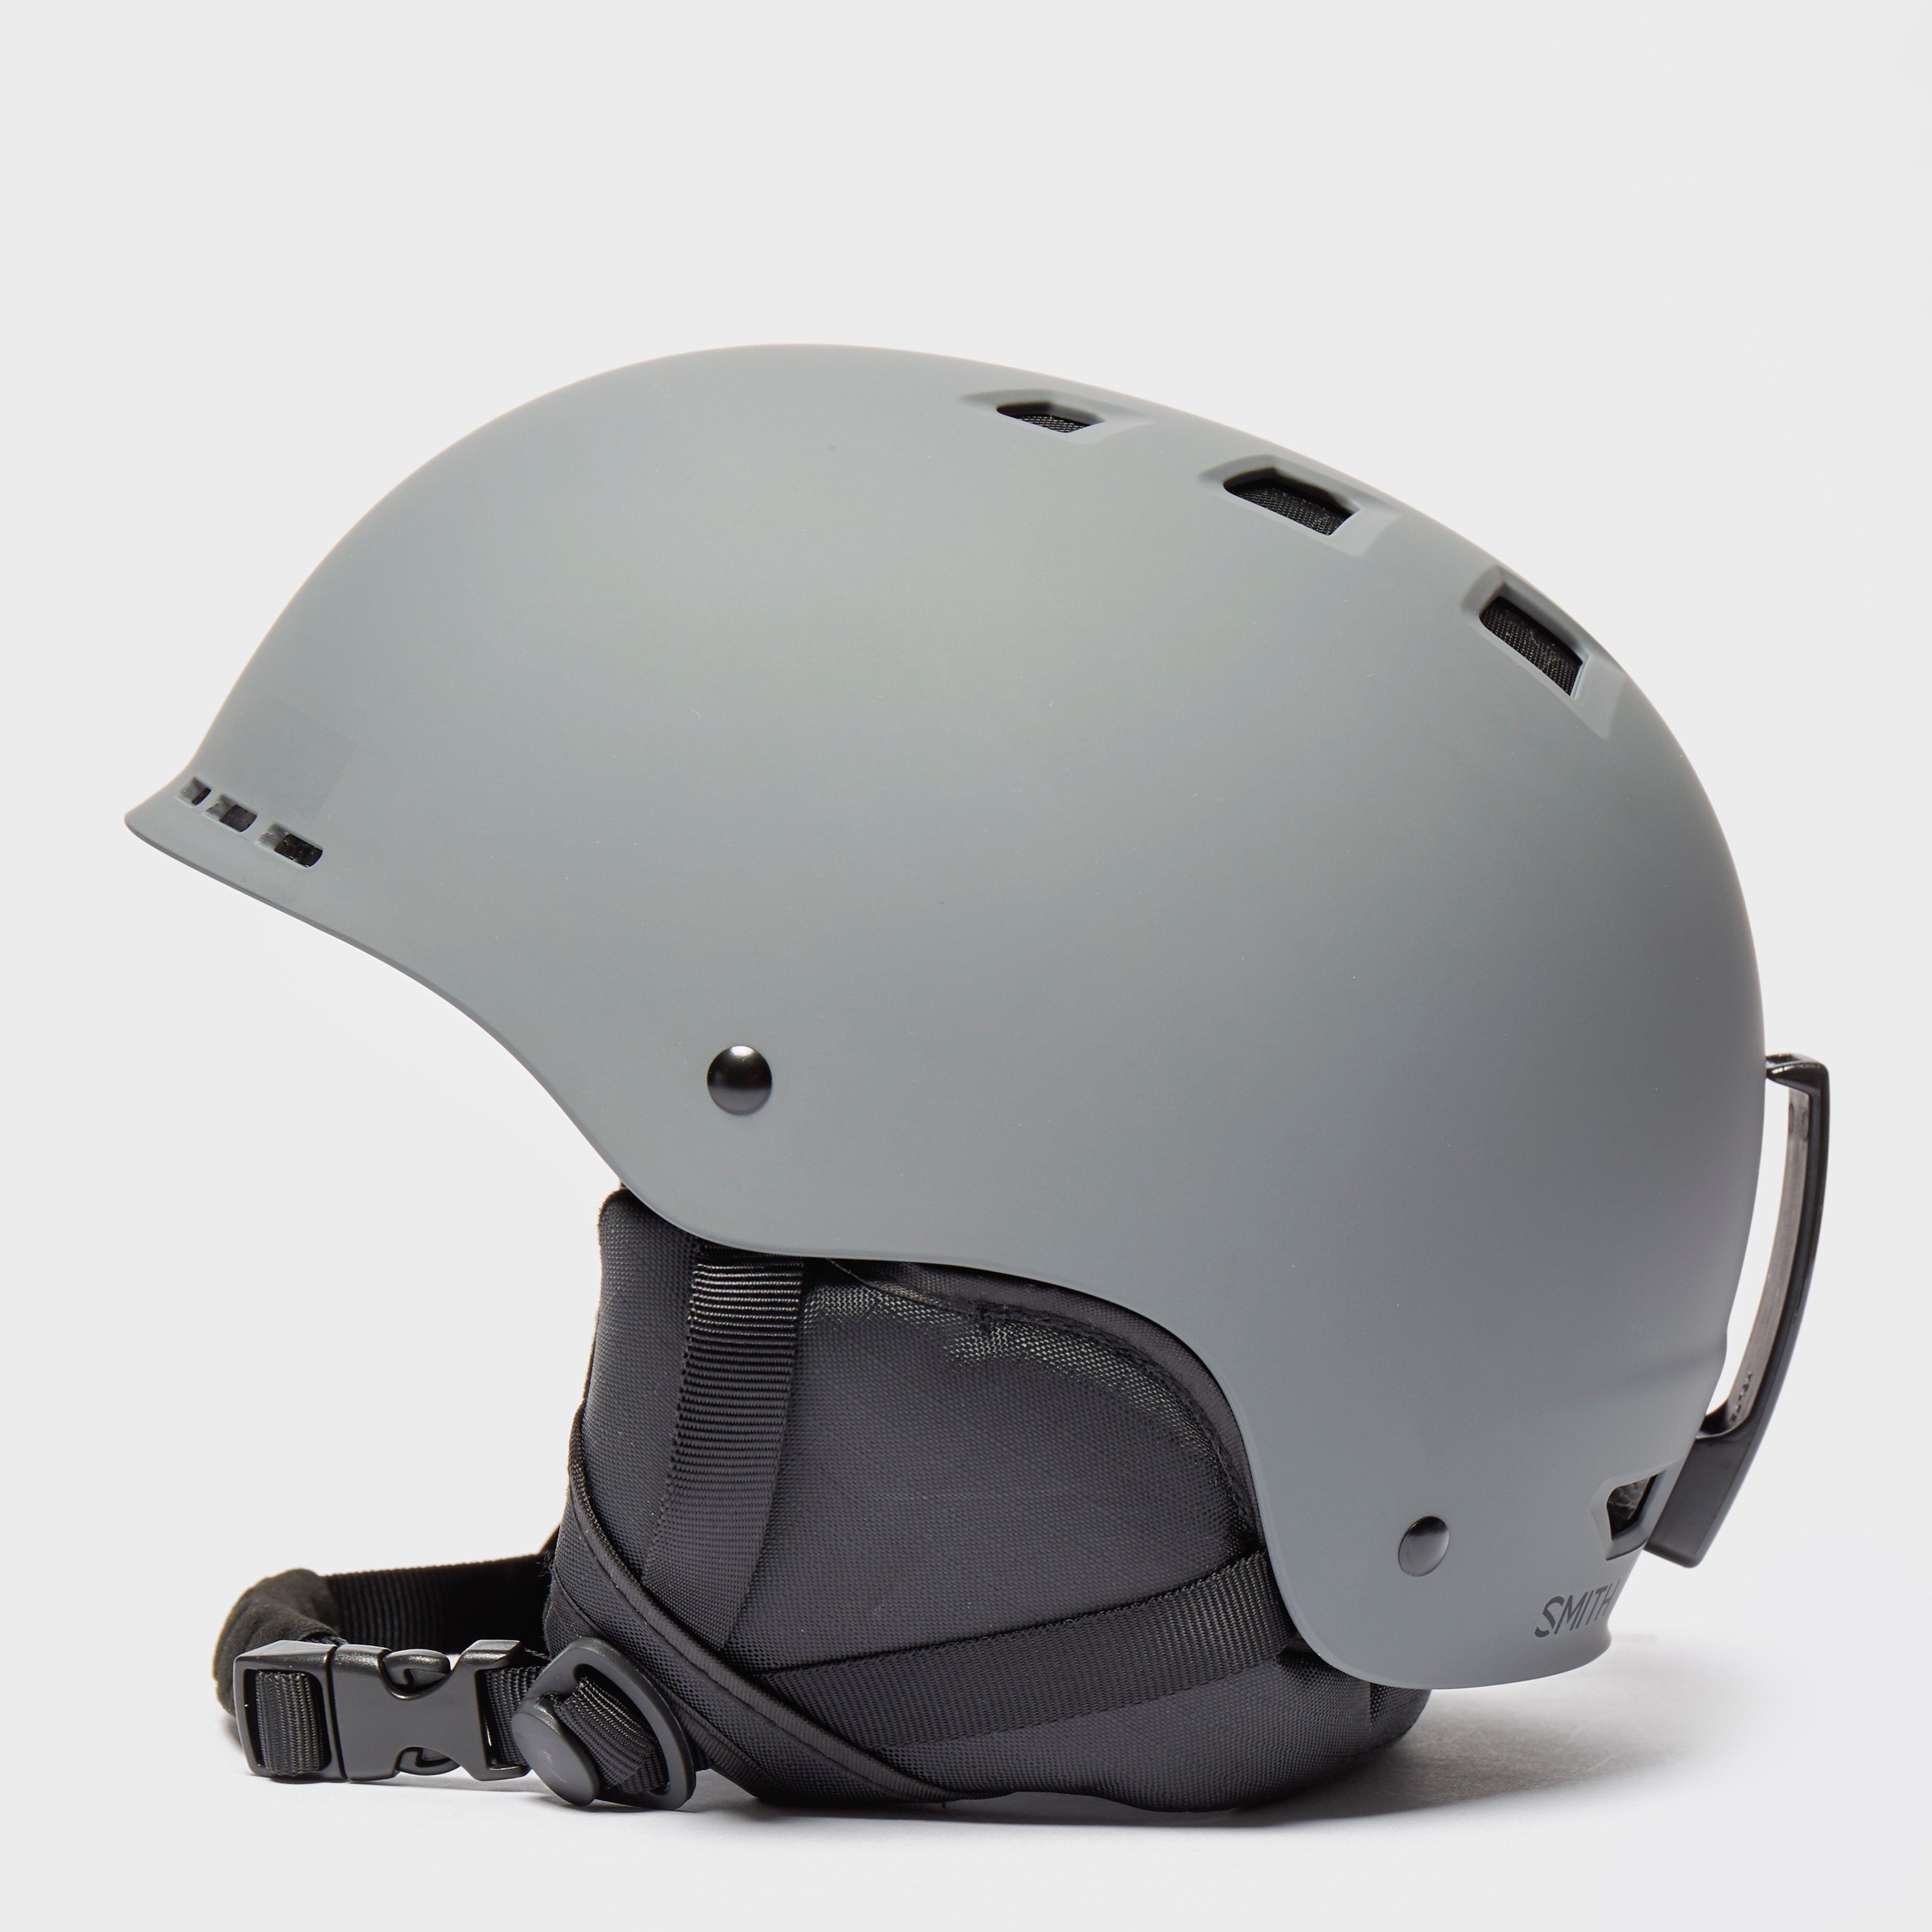 Smith Smith Mens Holt 2 Ski Helmet - Grey, Grey